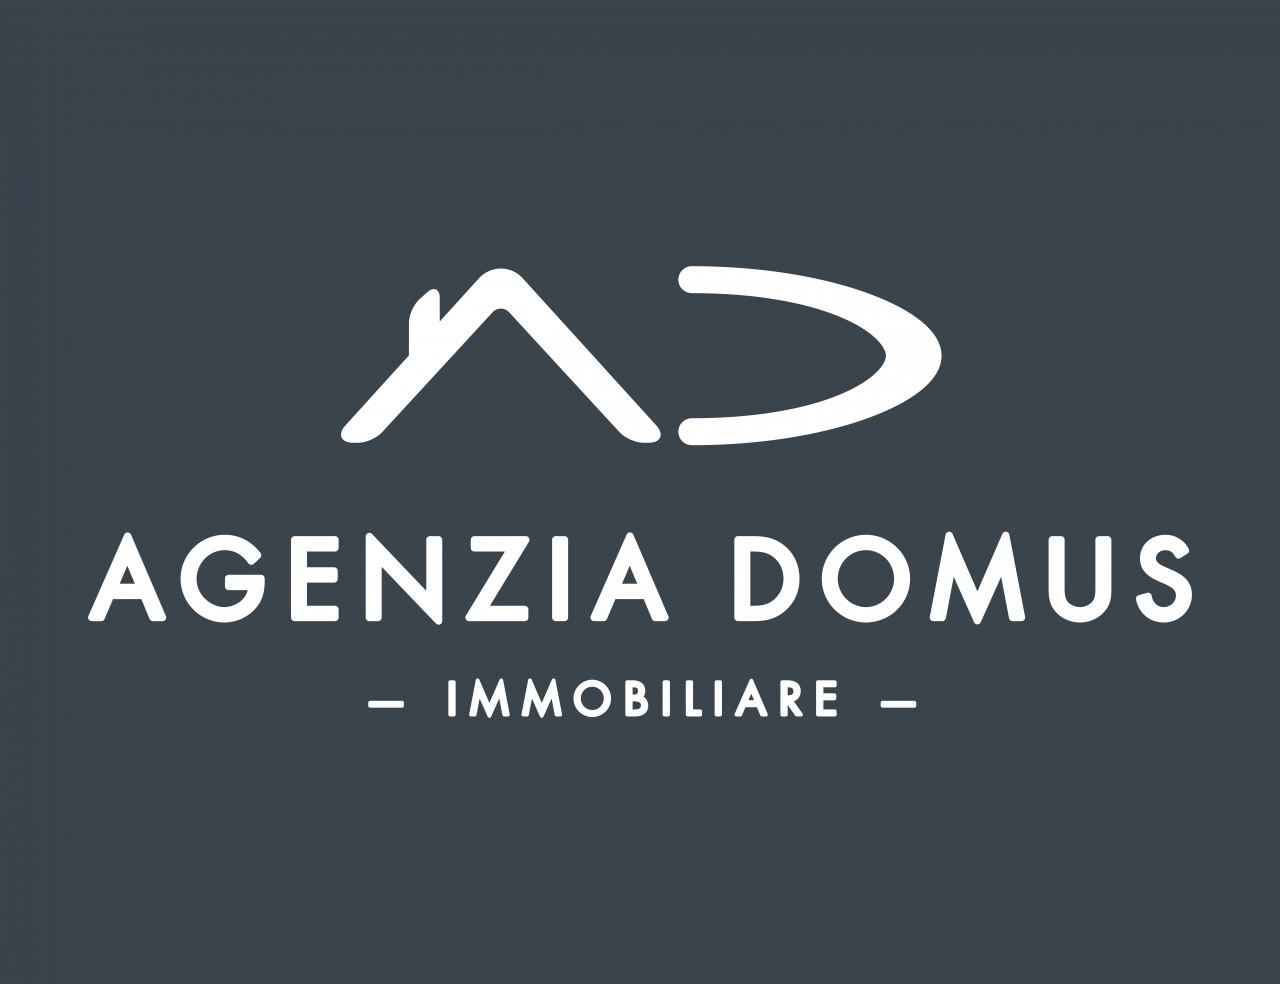 Agenzia Domus Immobiliare